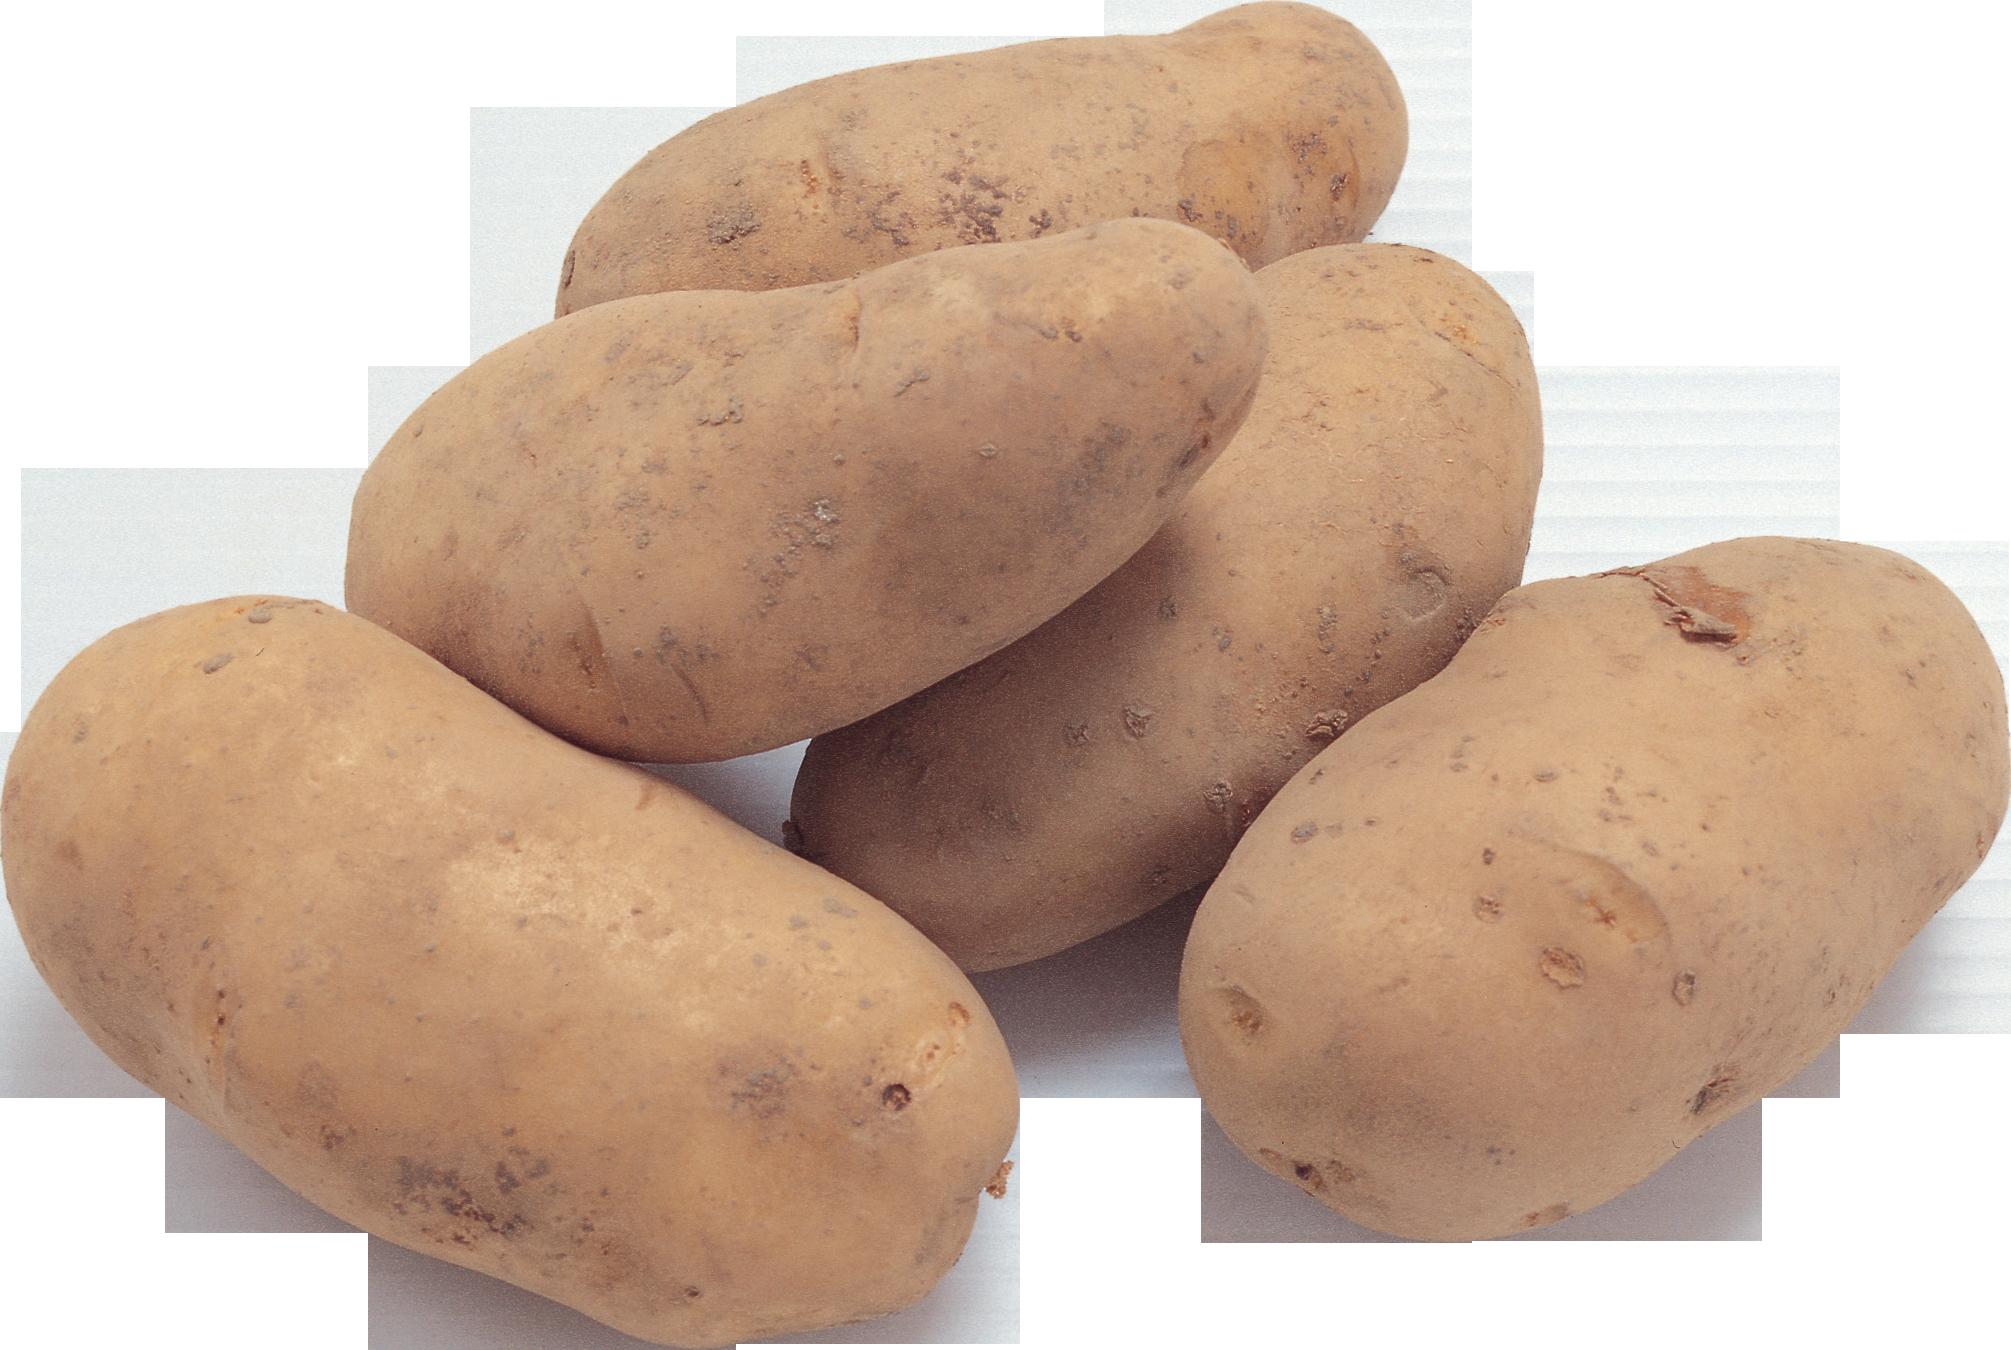 Картинка картошка для детей на белом фоне